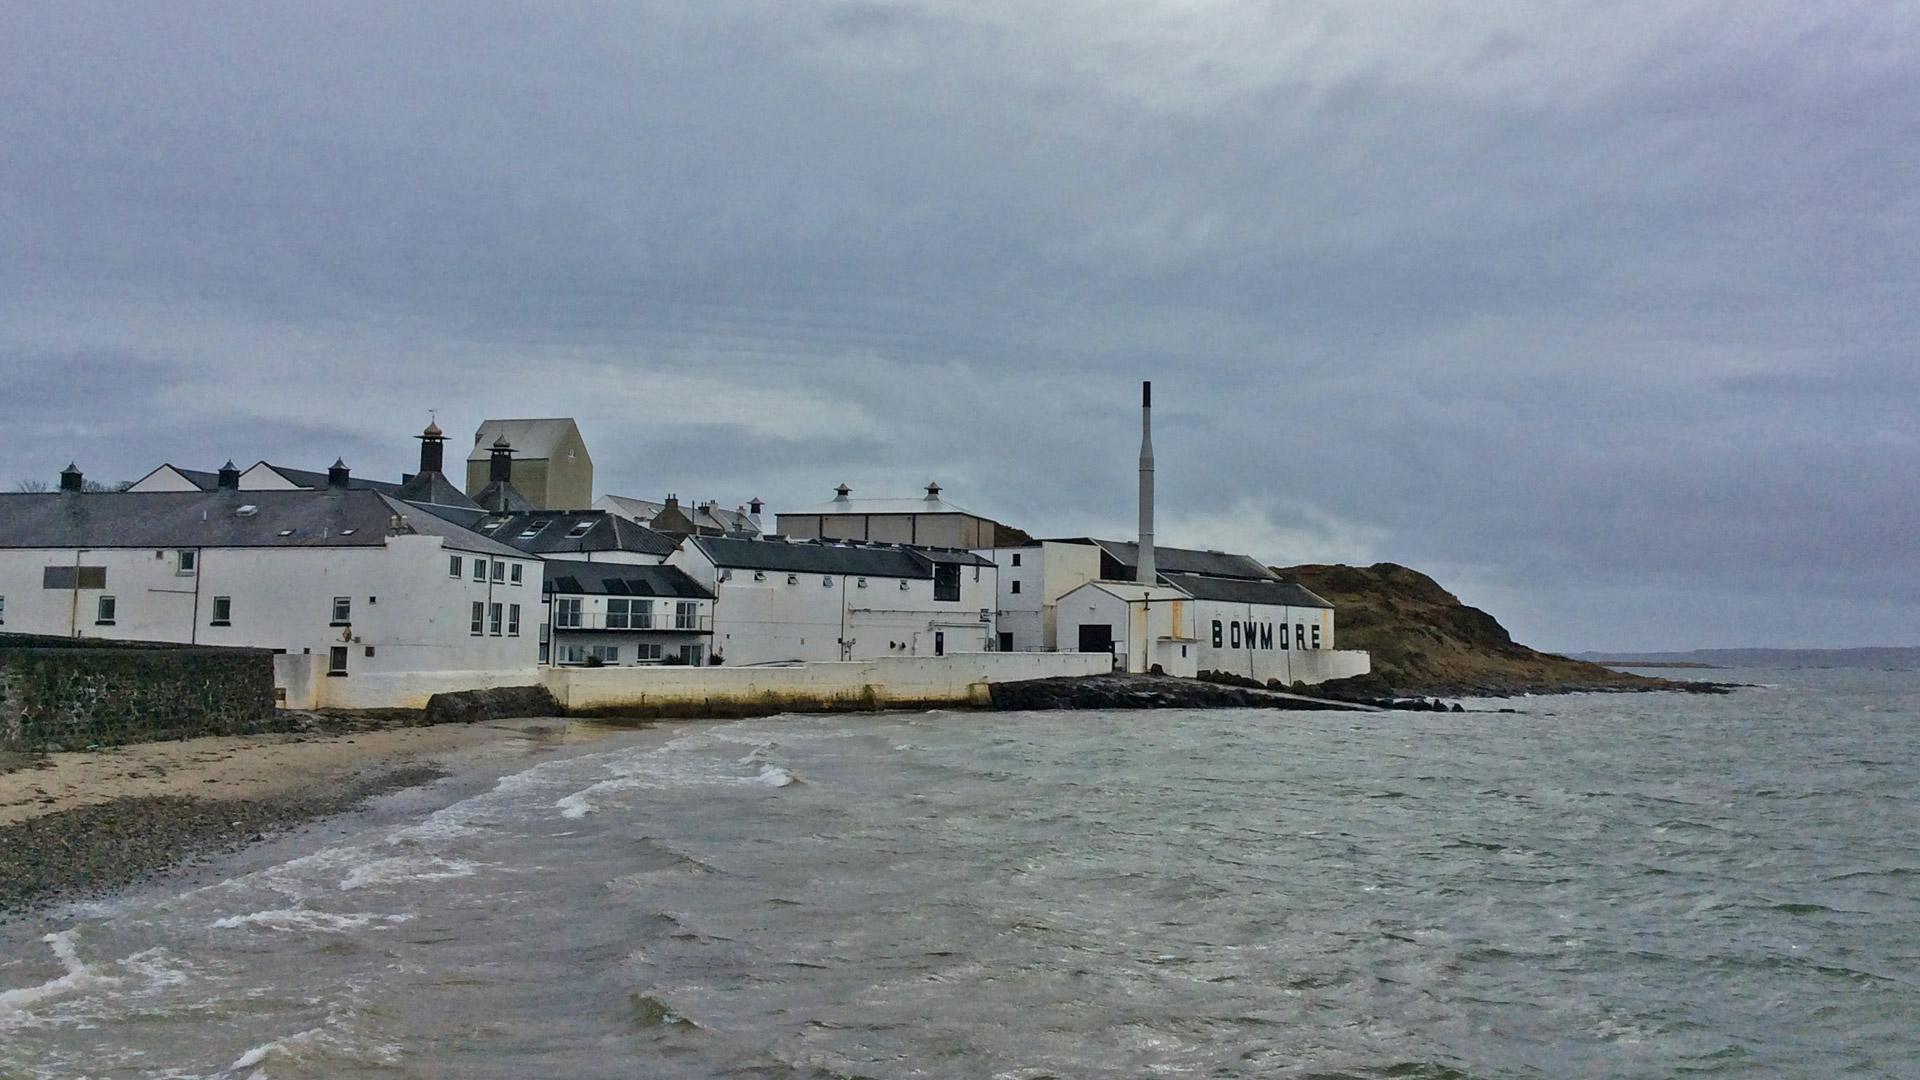 Die Bowmore-Destillerie auf Islay mit den legendären No.1 Vaults, dem ältesten Whiskylagerhaus Schottlands. (Foto: Malt Whisky)